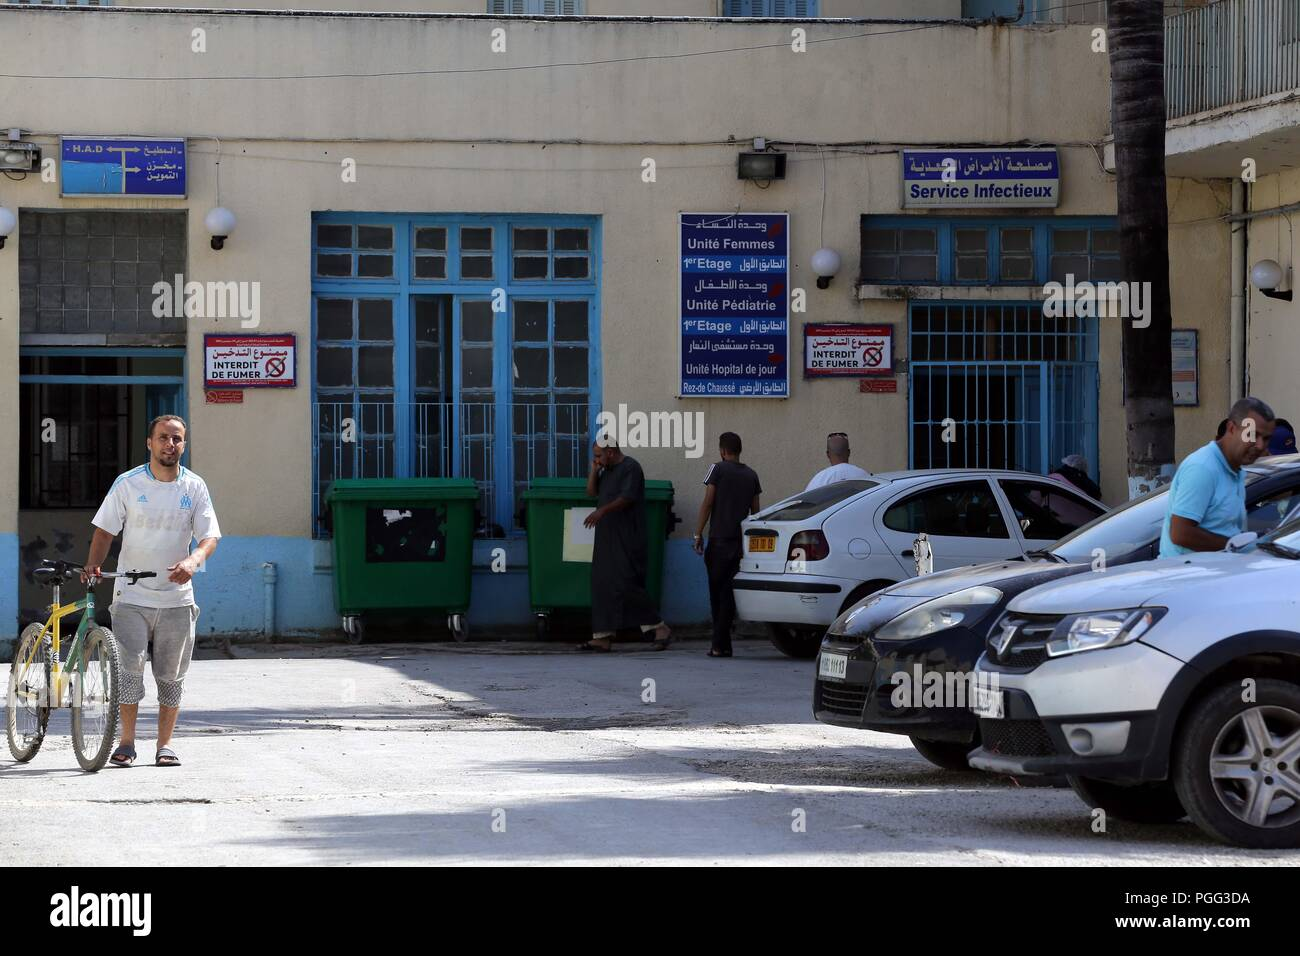 Algiers  26th Aug, 2018  Photo taken on Aug  26, 2018 shows the